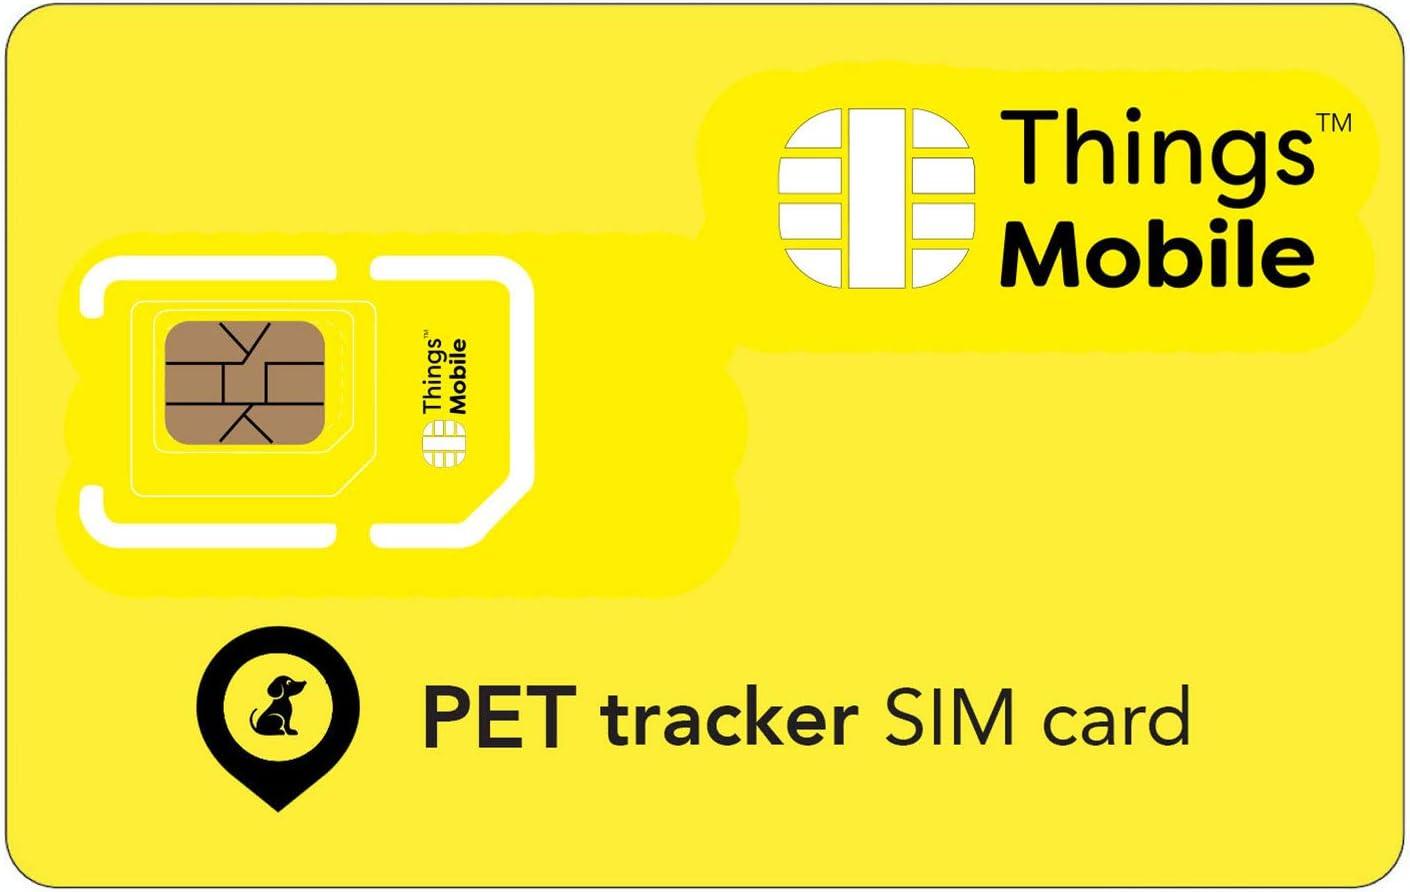 Tarjeta SIM para TRACKER / LOCALIZADOR GPS DE MASCOTAS - Things Mobile - cobertura global, red multioperador GSM/2G/3G/4G, sin costes fijos, sin vencimiento. Crédito no incluido